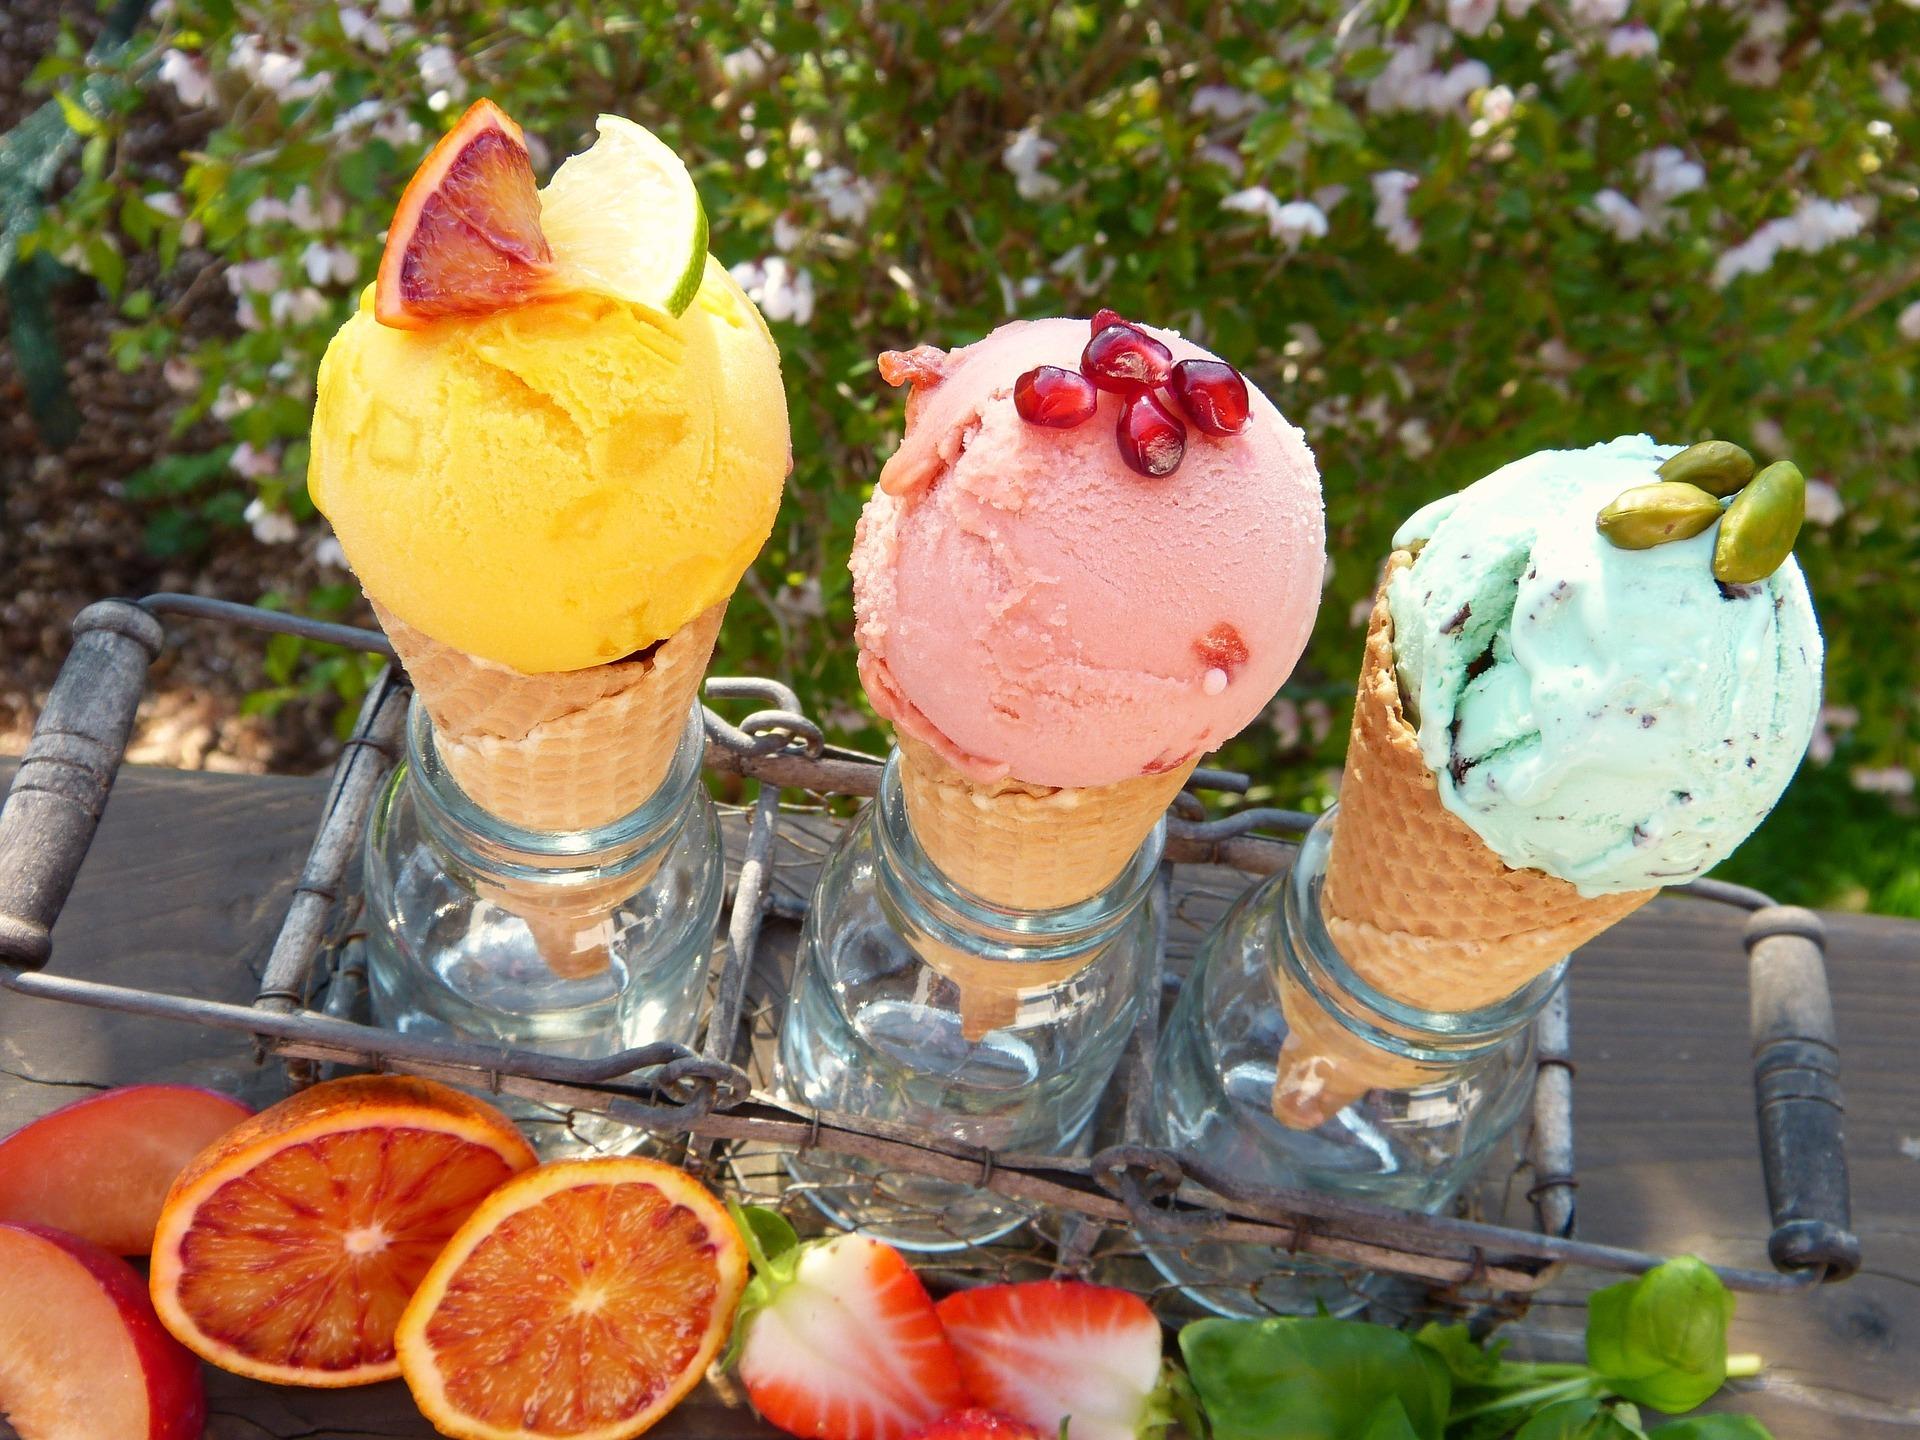 Kennen Sie schon unsere neuen Eissorten?